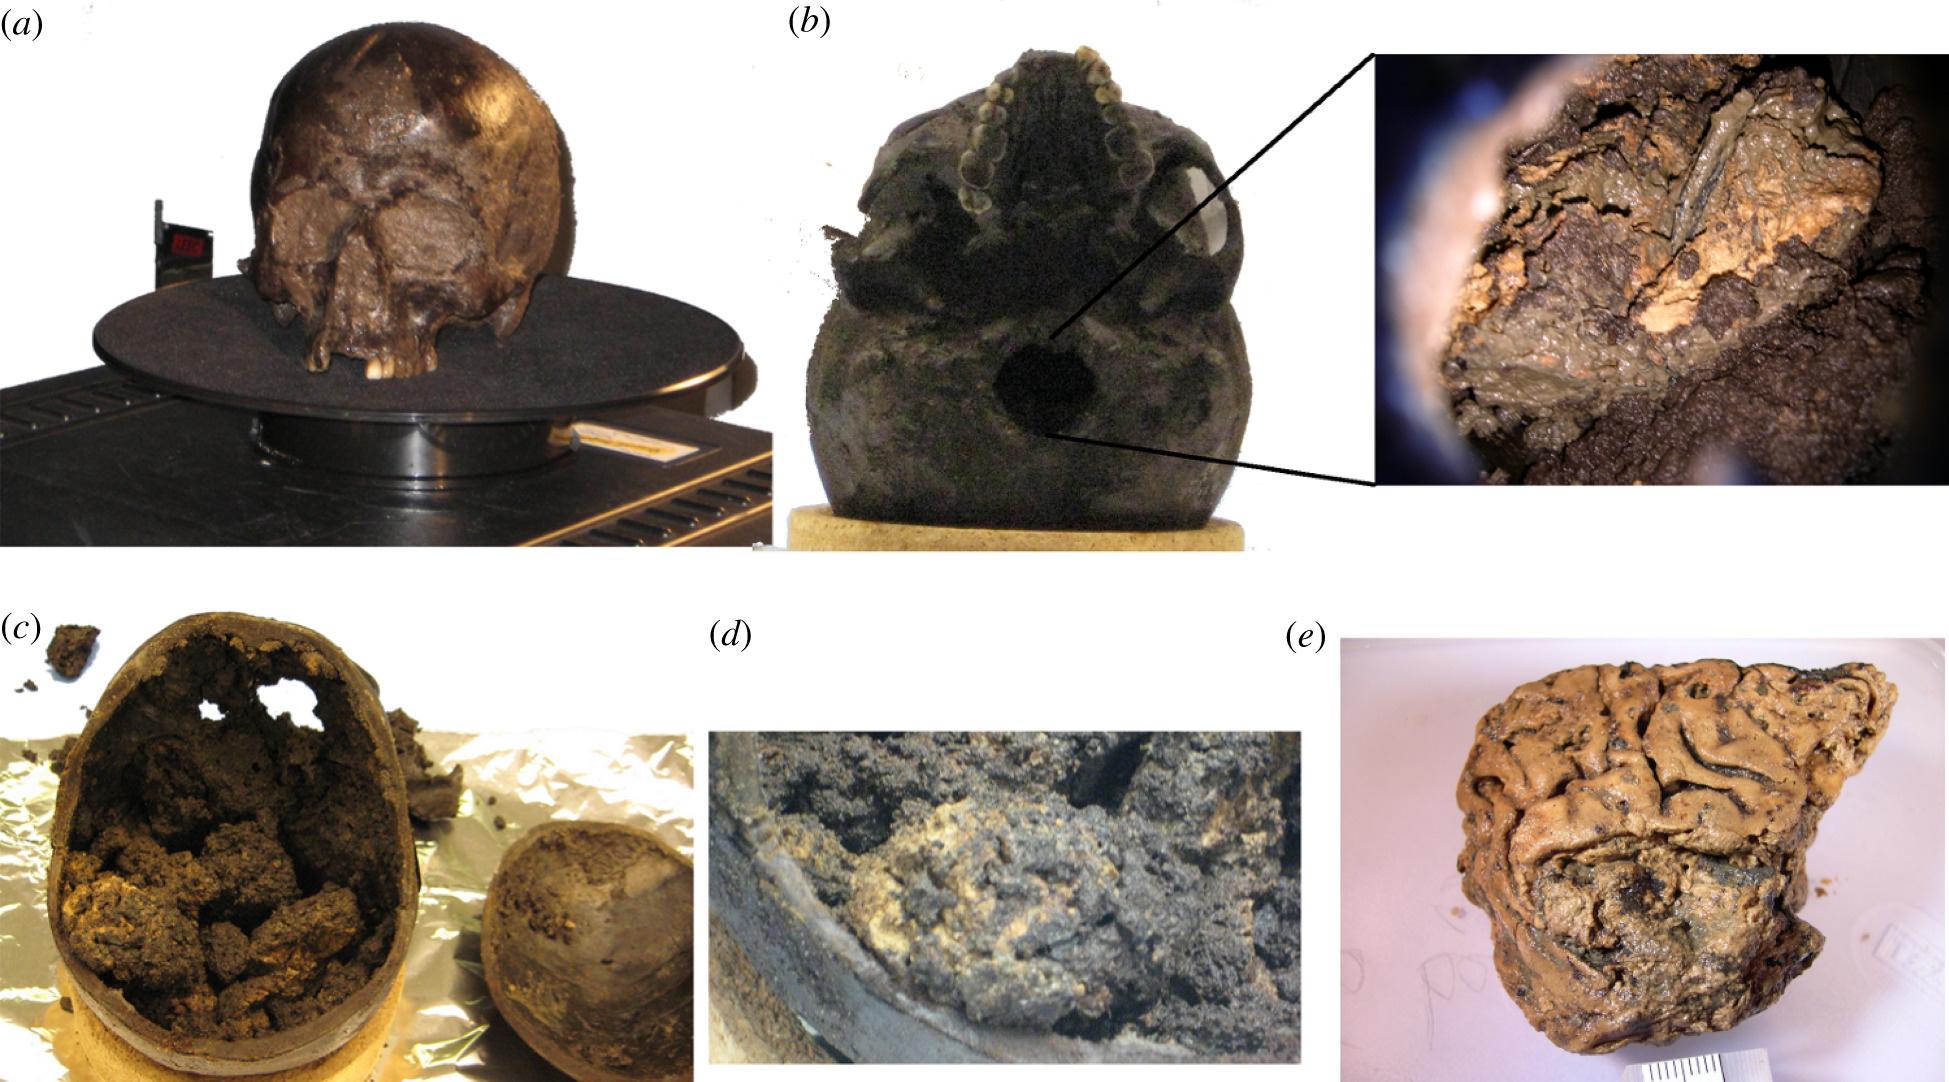 a) Les orifices étaient recouverts de boue - b) Intérieur du crâne via le trou occipital (os en bas du crâne) - c) Après ouverture du crâne, la structure recouverte de sédiments est demeurée intacte - d) Les structures ressemblent à un cerveau rétréci recouvert de sédiments boueux - e) Après nettoyage, découverte du gyrus du cerveau (ensemble de replis sinueux du cortex cérébral)., Axel Petzold, Ching-Hua Lu, Mike Groves, Johan Gobom, Henrik Zetterberg, Gerry Shaw and Sonia O'Connor